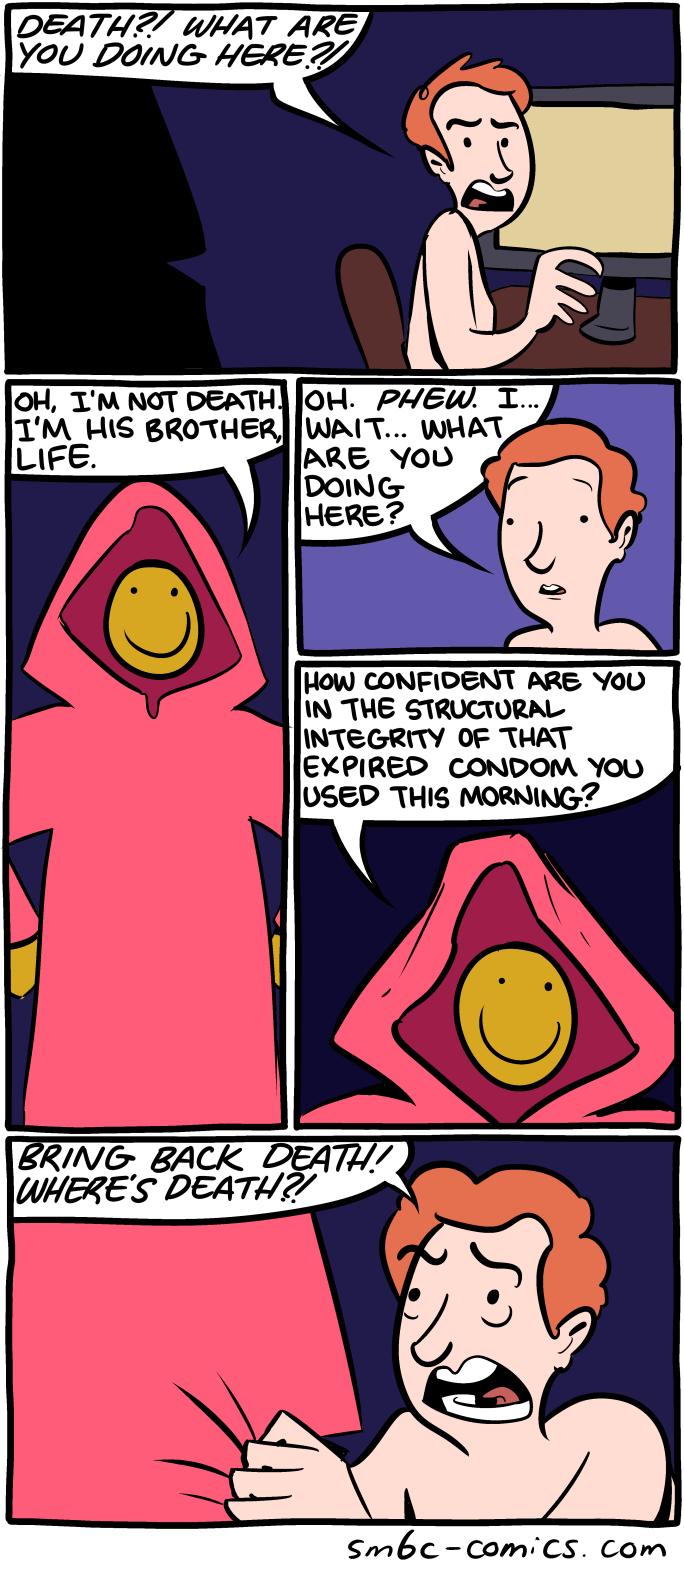 I Dig the Cloak. www.smbc-comics.com/?id=3442#comic. LIFE. OF THAT EX ' CONDOM You smbc bundleofjoy